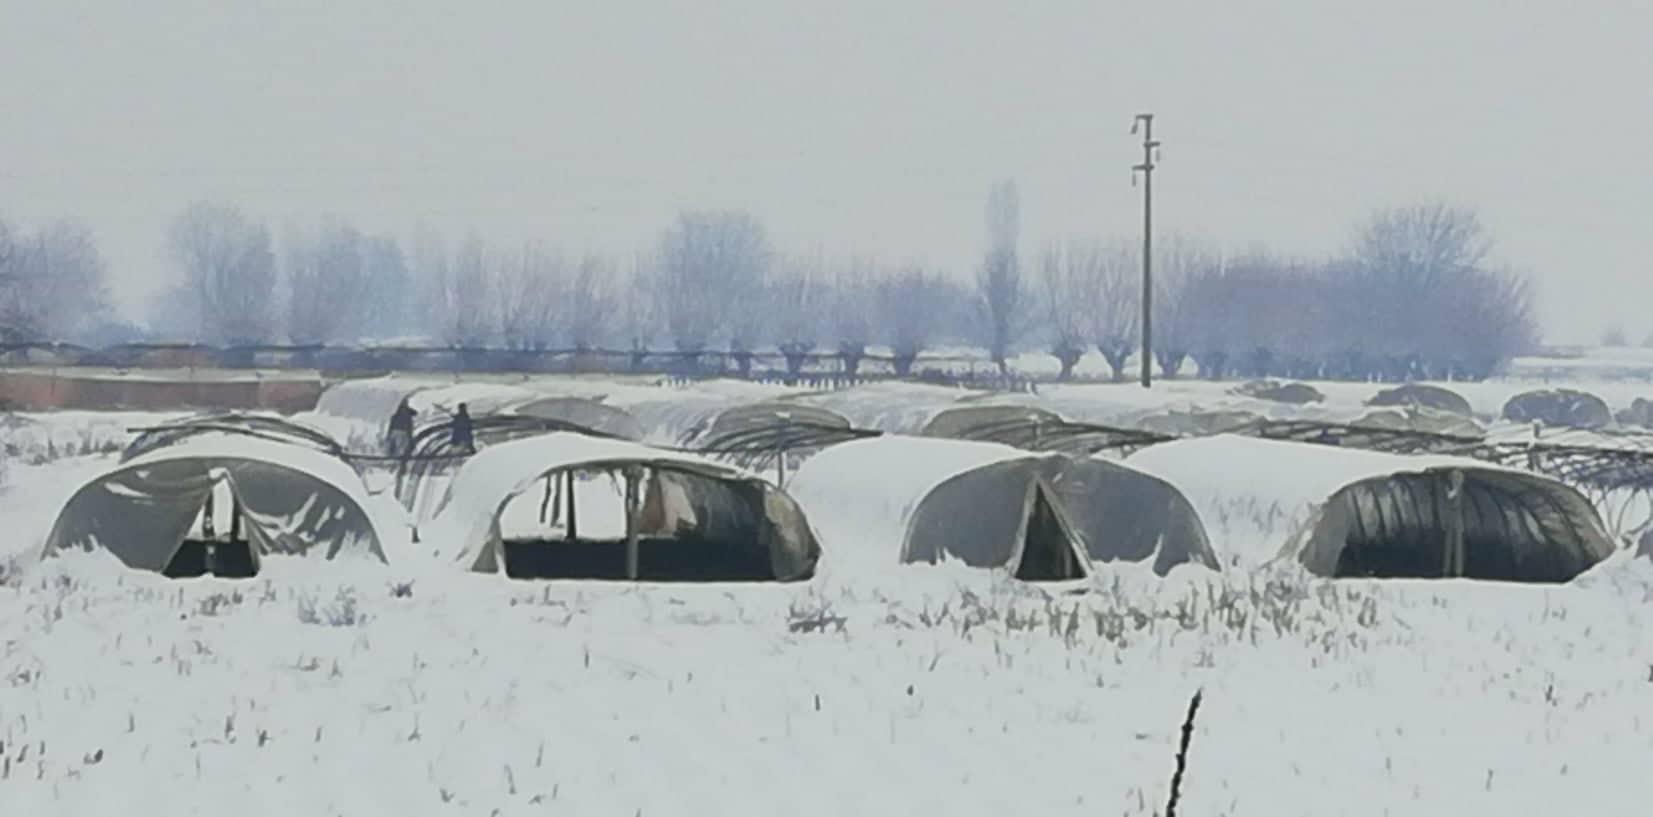 Photo of Поради снегот и температурите, раноградинарите од струмичко ,,бдеат'' над расадот и пластениците